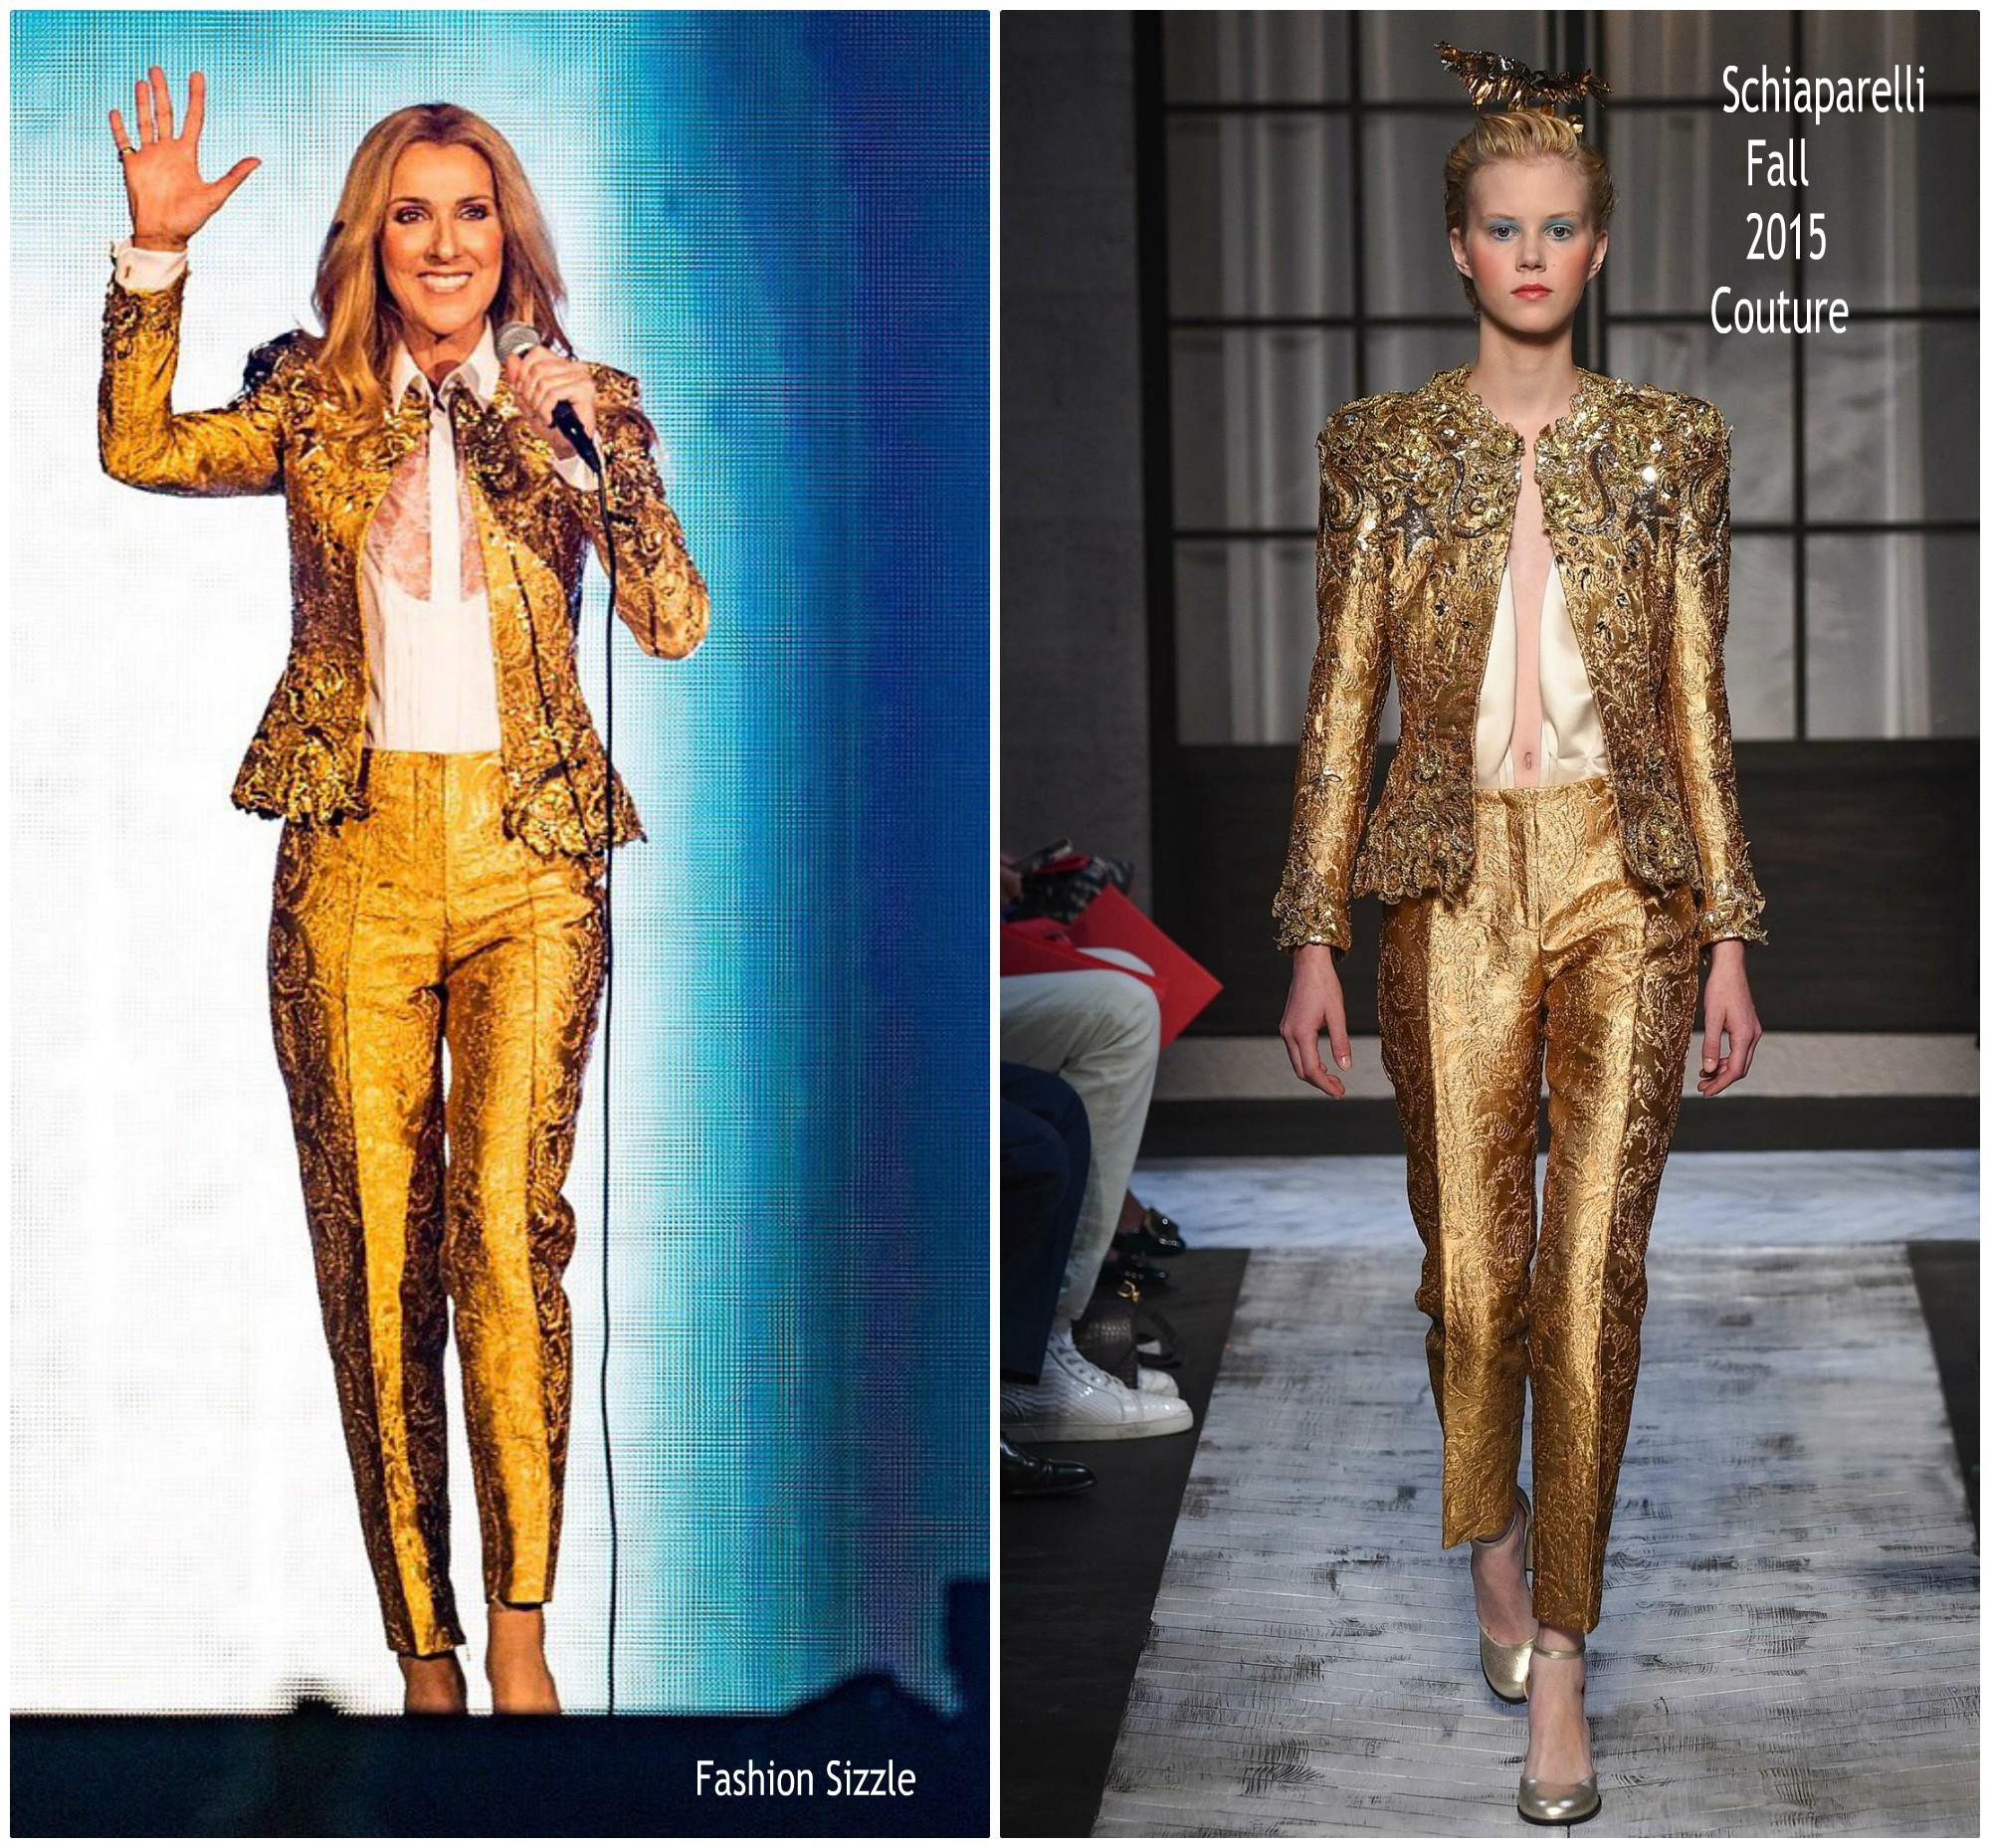 Siêu sao chẳng phải động tay vào cái gì? Nhầm to, đến Celine Dion còn phải tự khâu tất rách đây này! - Ảnh 2.